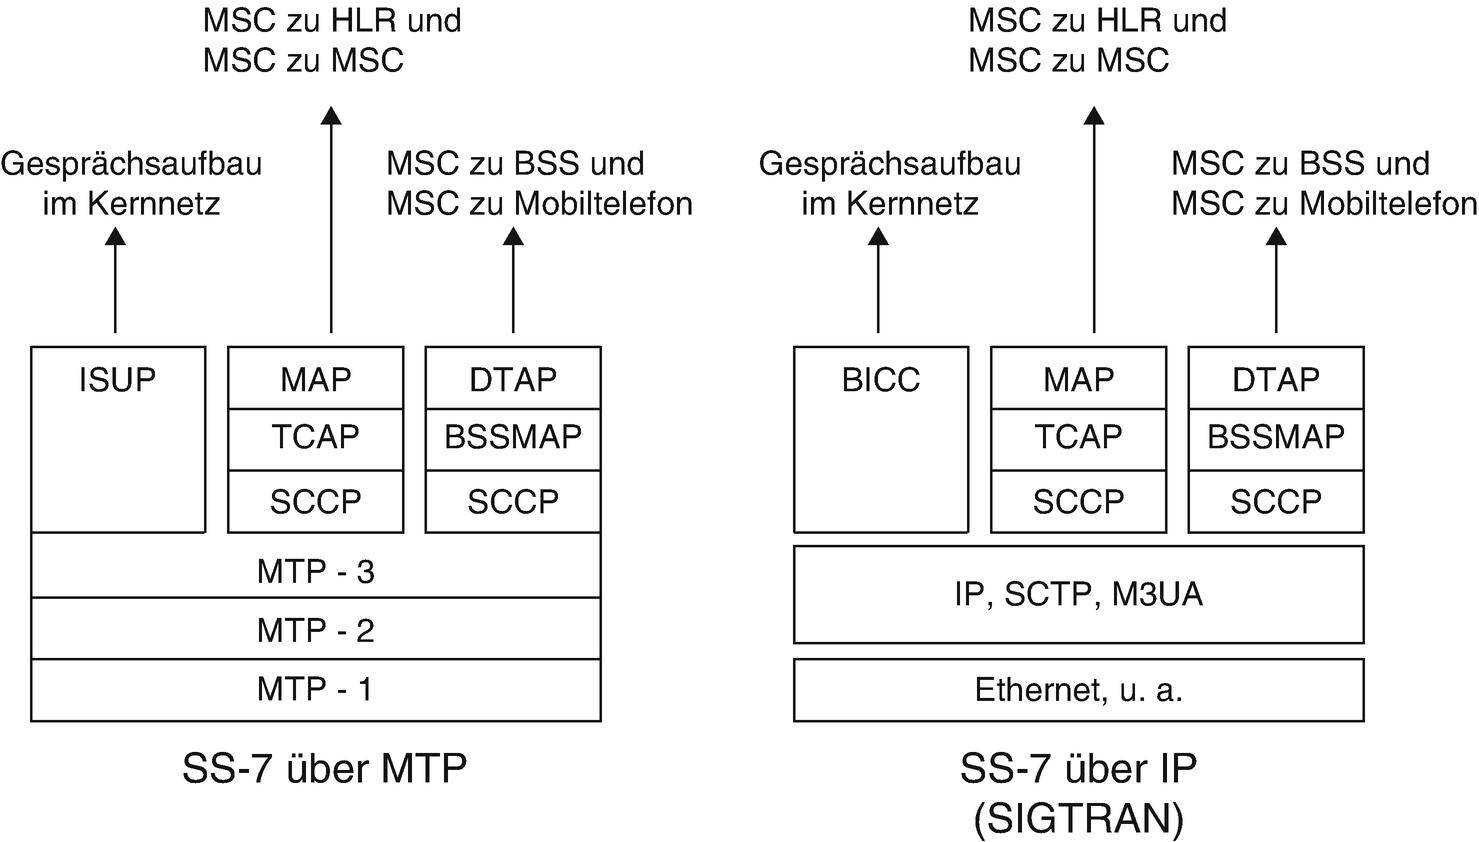 Groß Tdd Rahmenstruktur Lte Bilder - Benutzerdefinierte Bilderrahmen ...